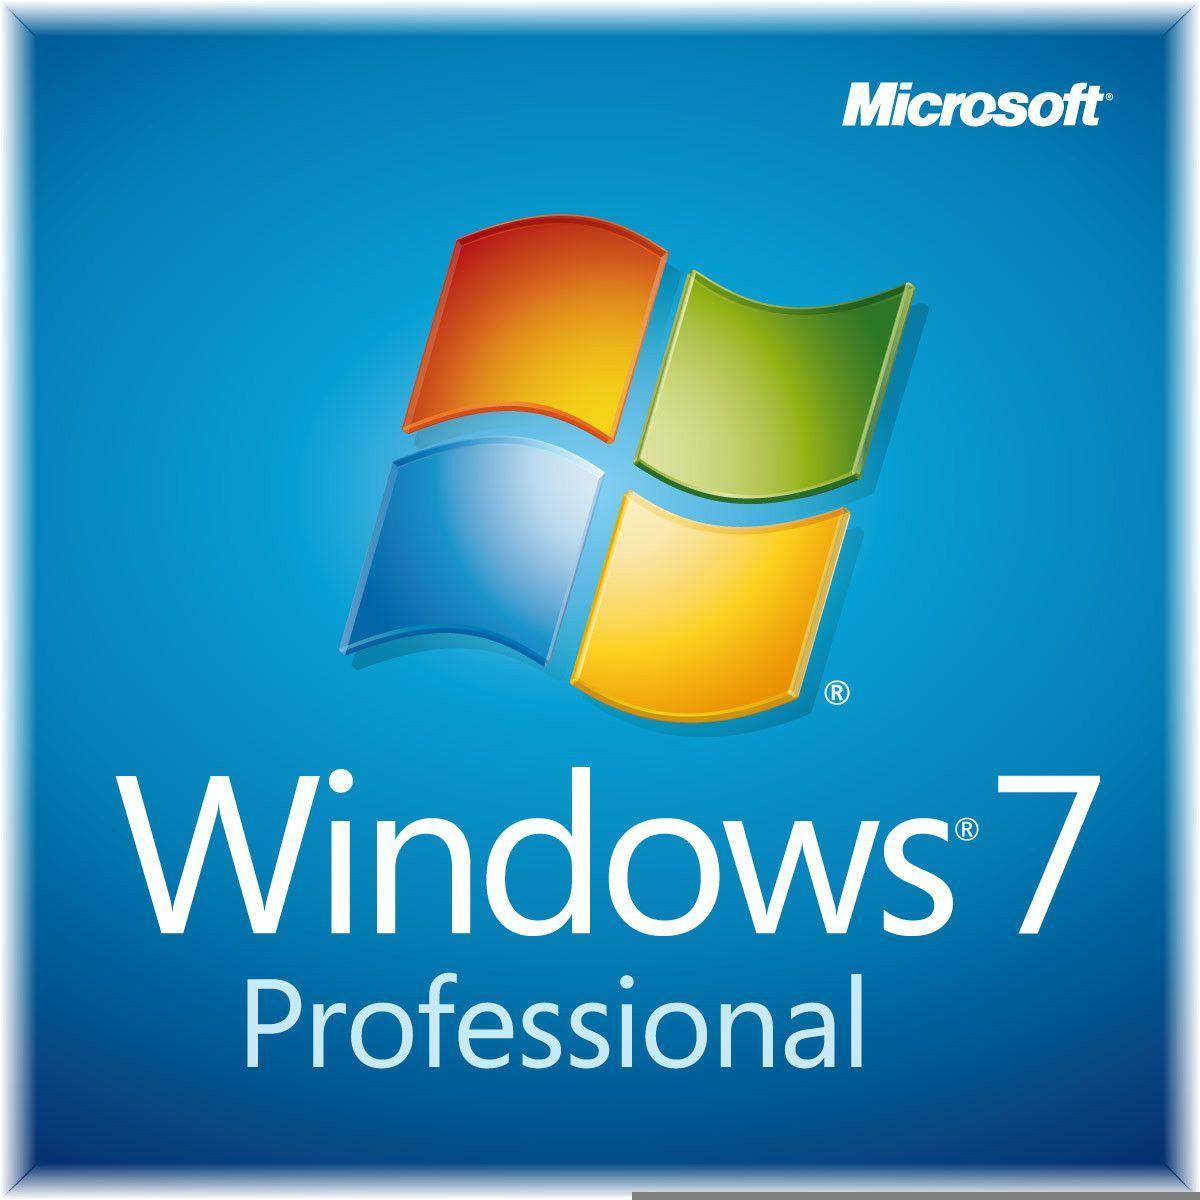 visio 64 bit windows 7